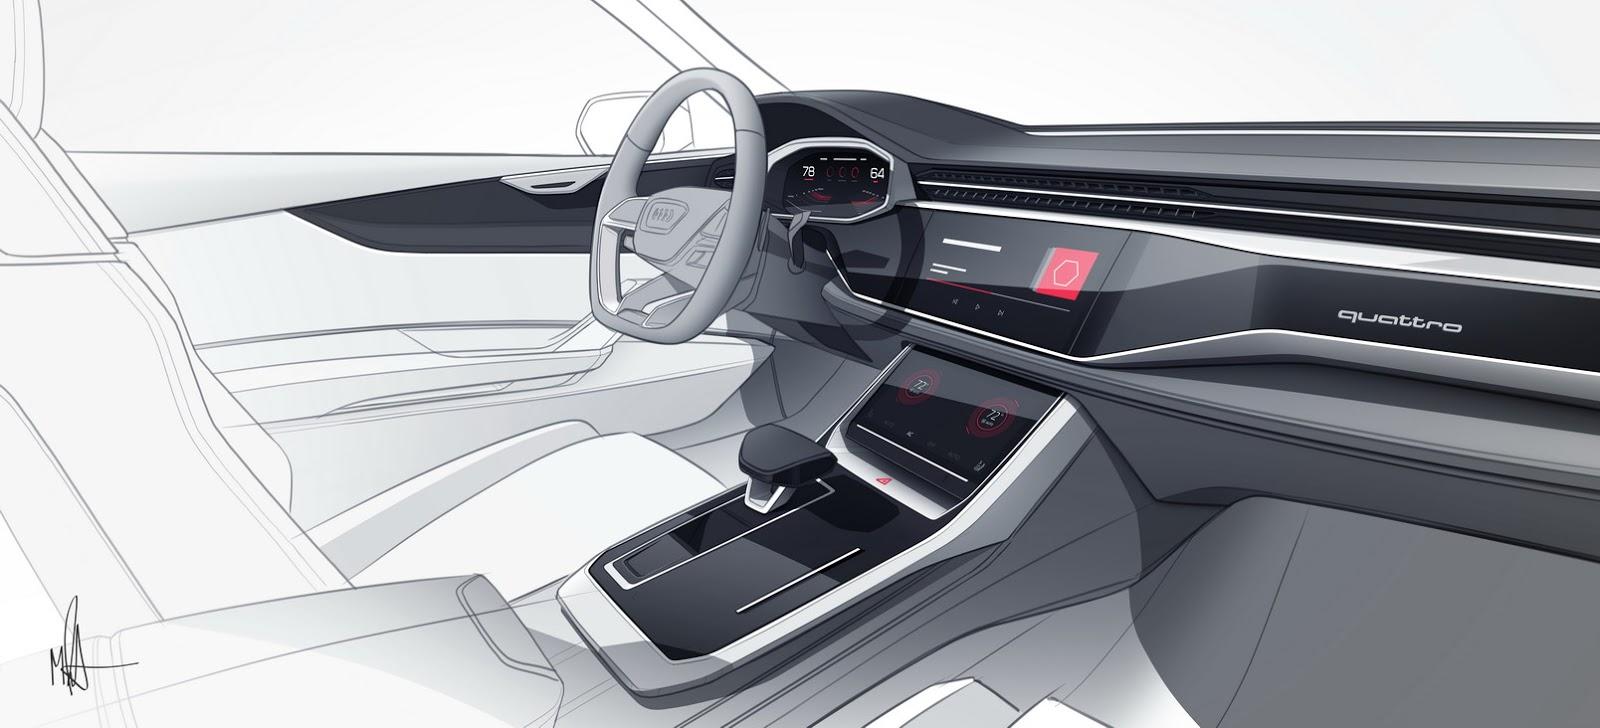 Audi_Q8_concept_33